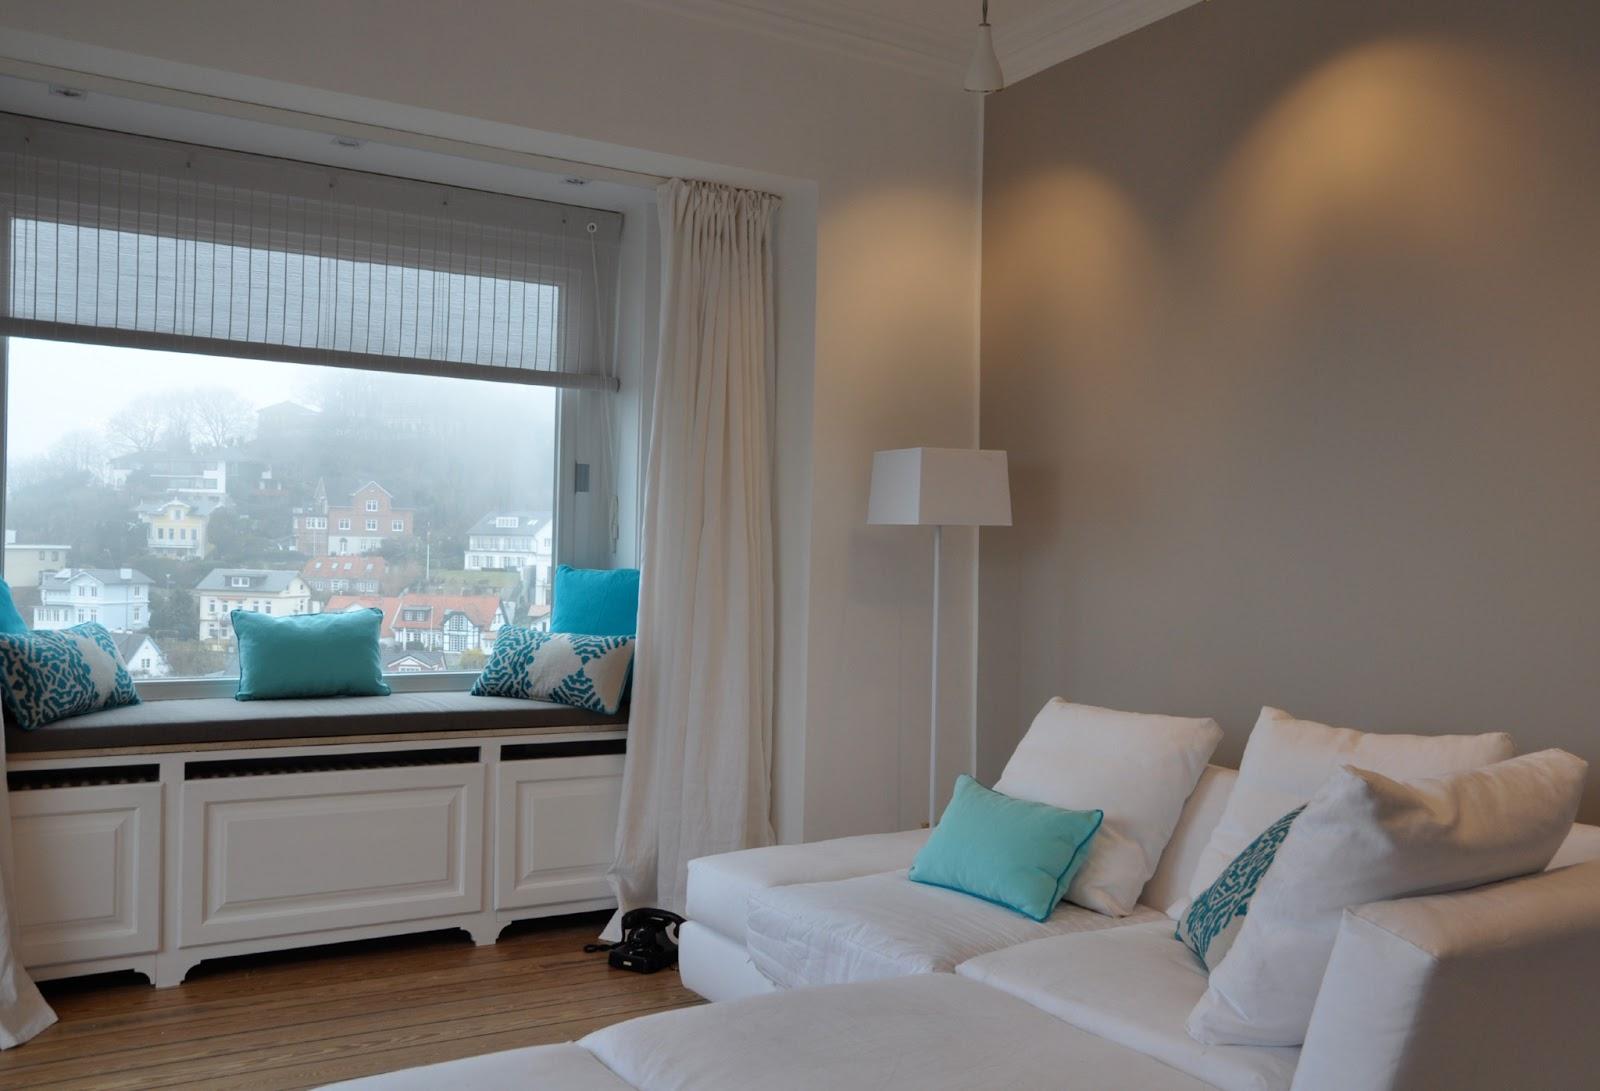 Fantastisch Wohnzimmer Ideen Grau Turkis